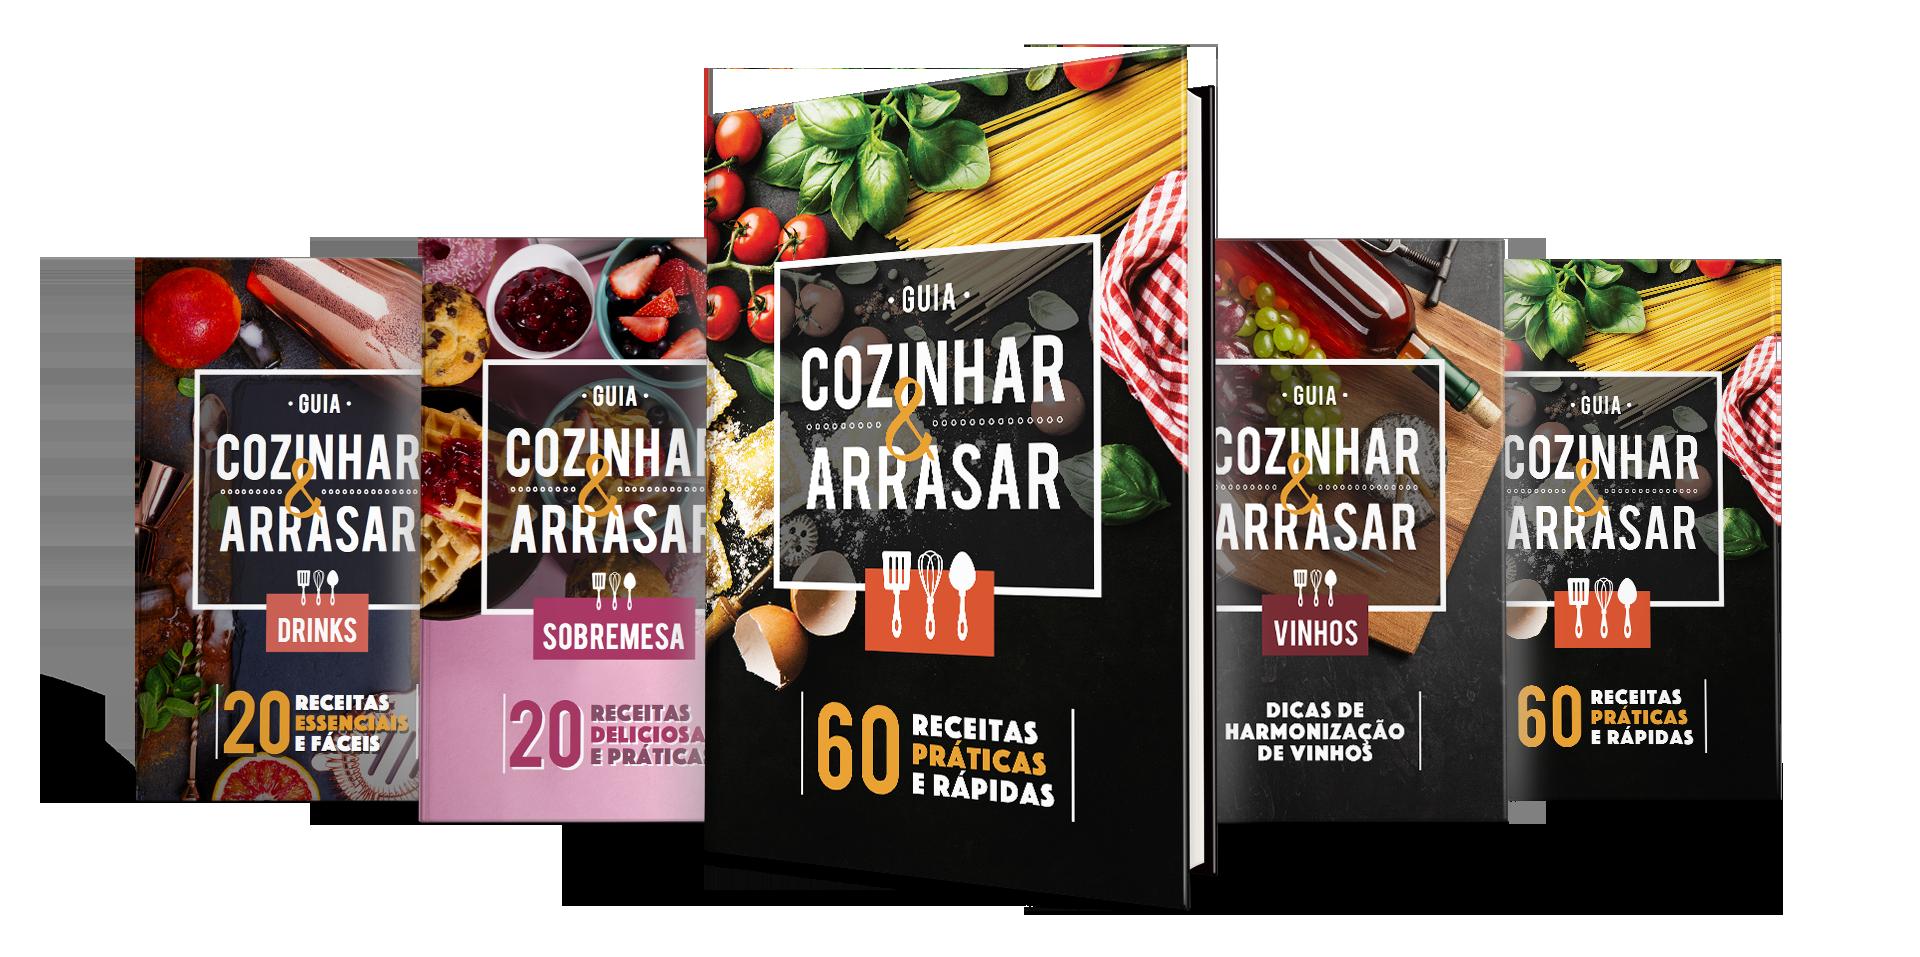 Cozinhar & Arrasar